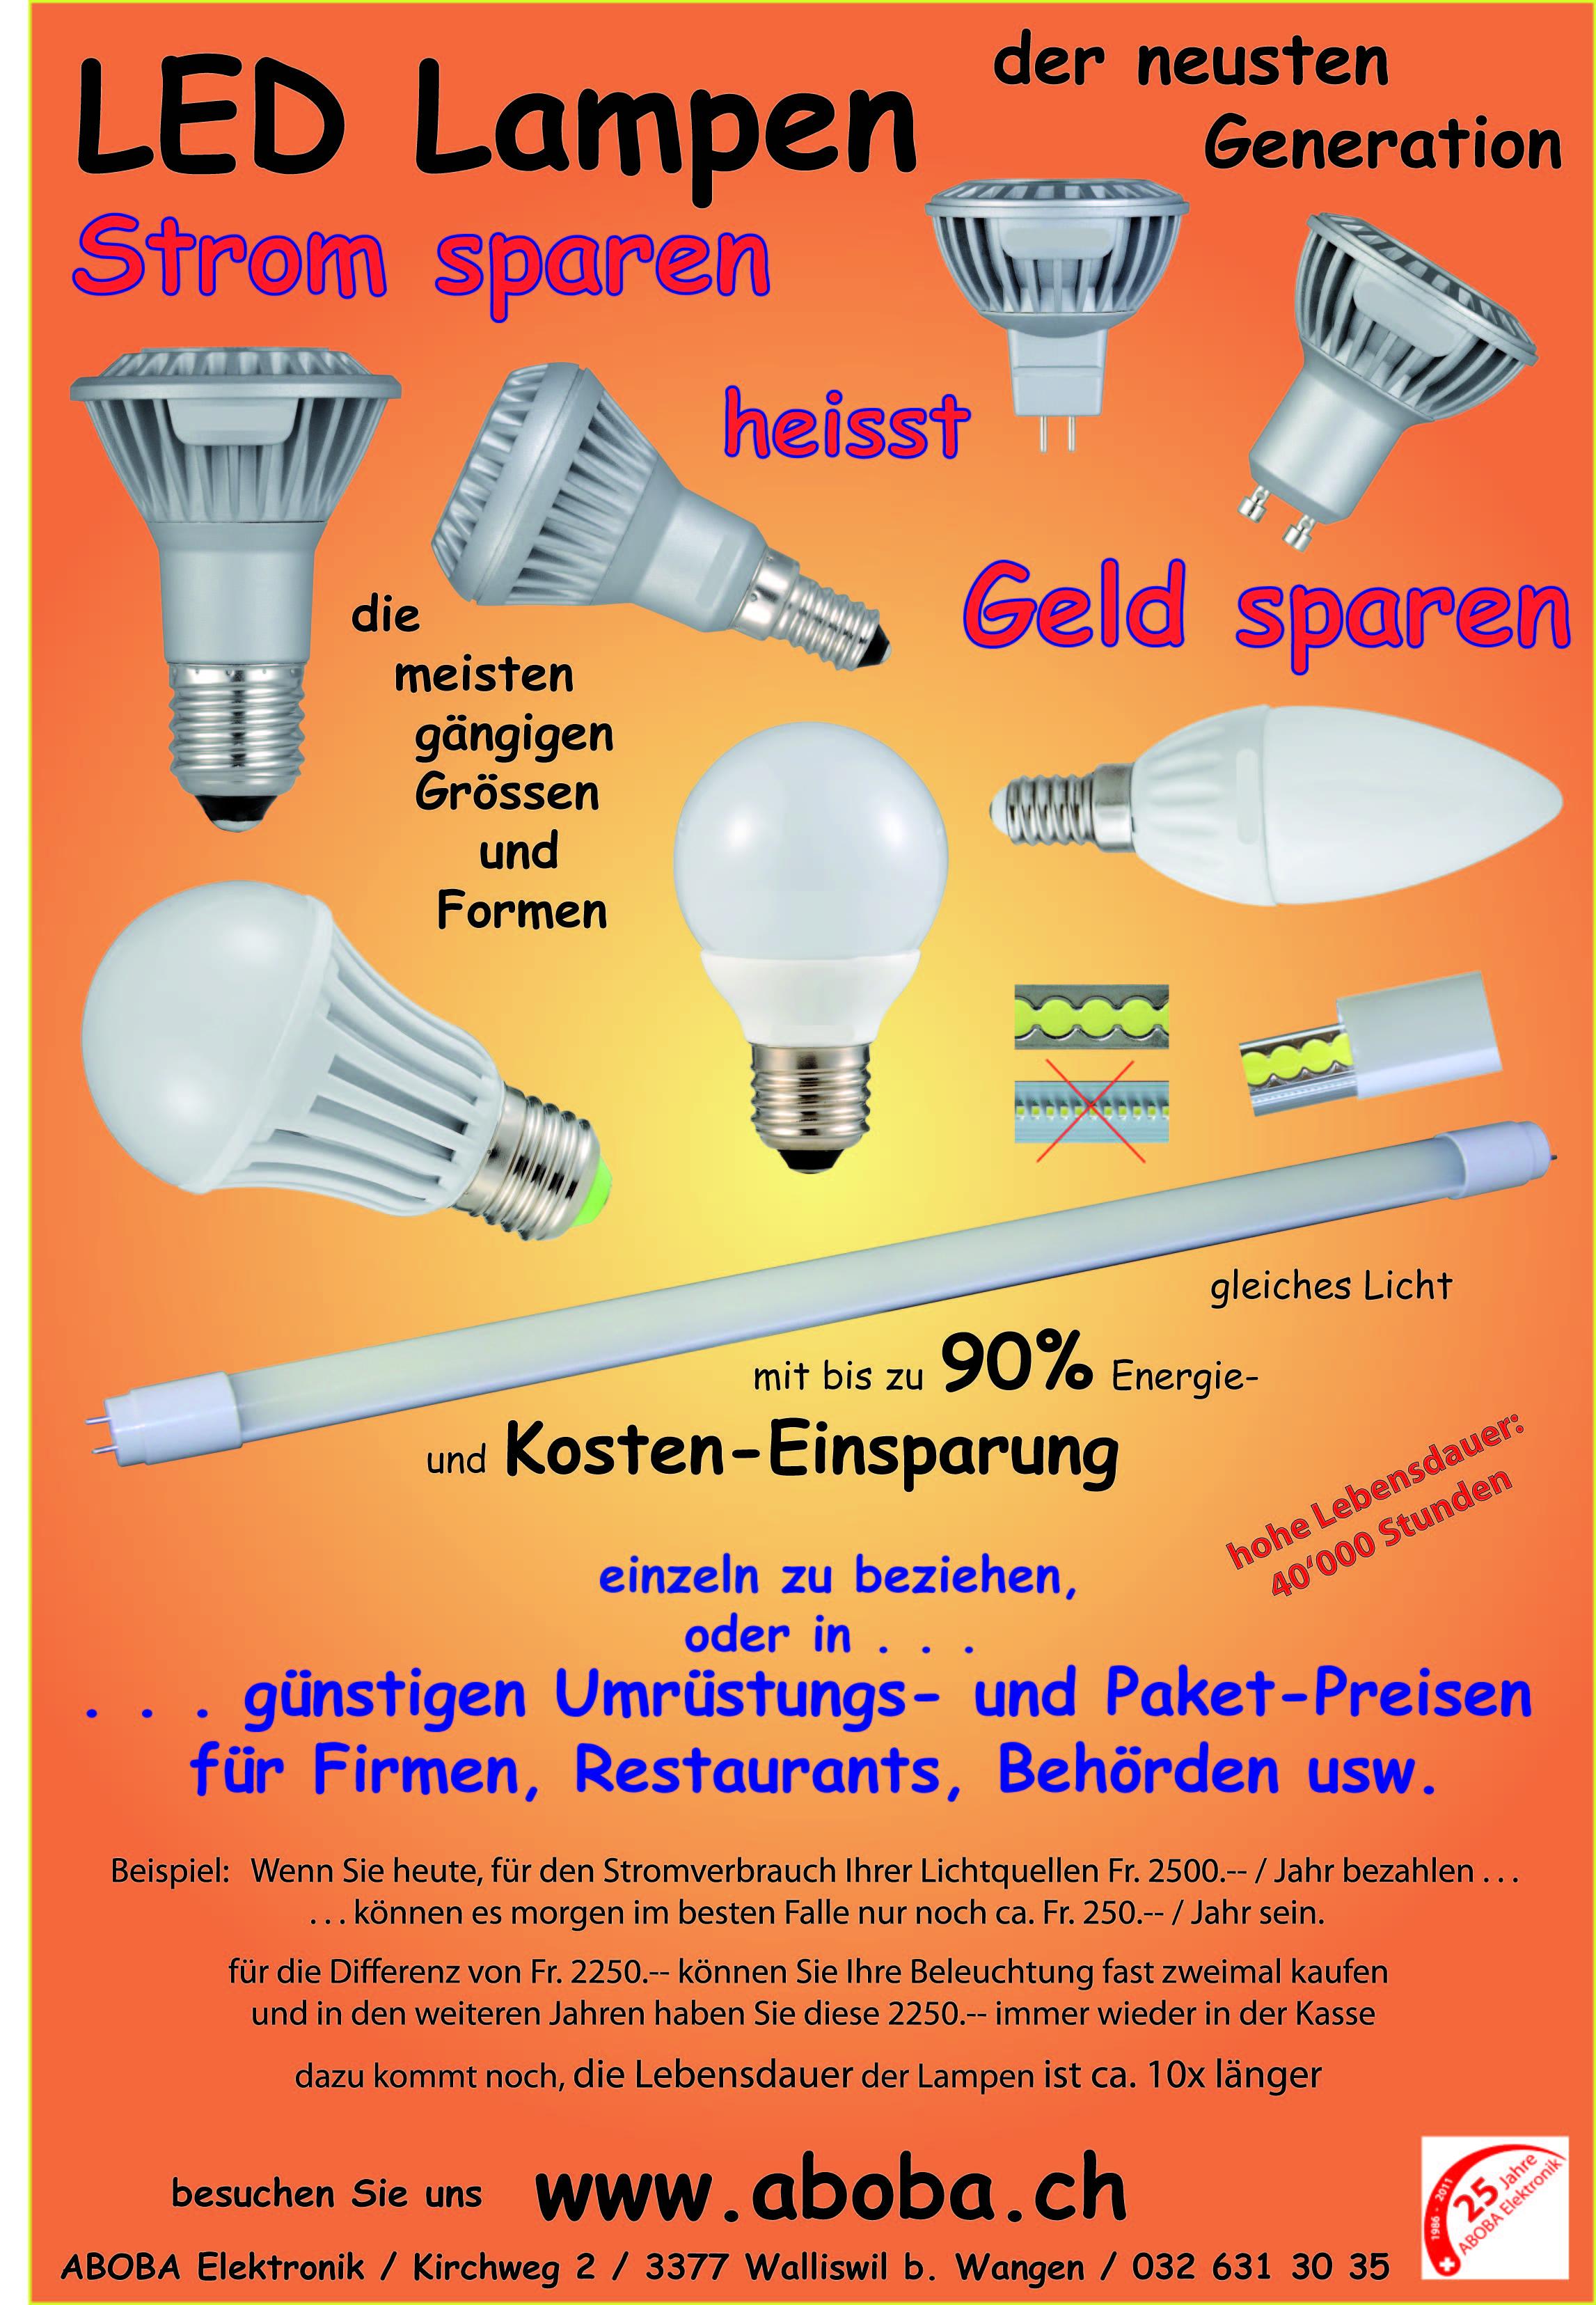 ABOBA Elektronik - ▻ LED-Lampen und die Vorteile !